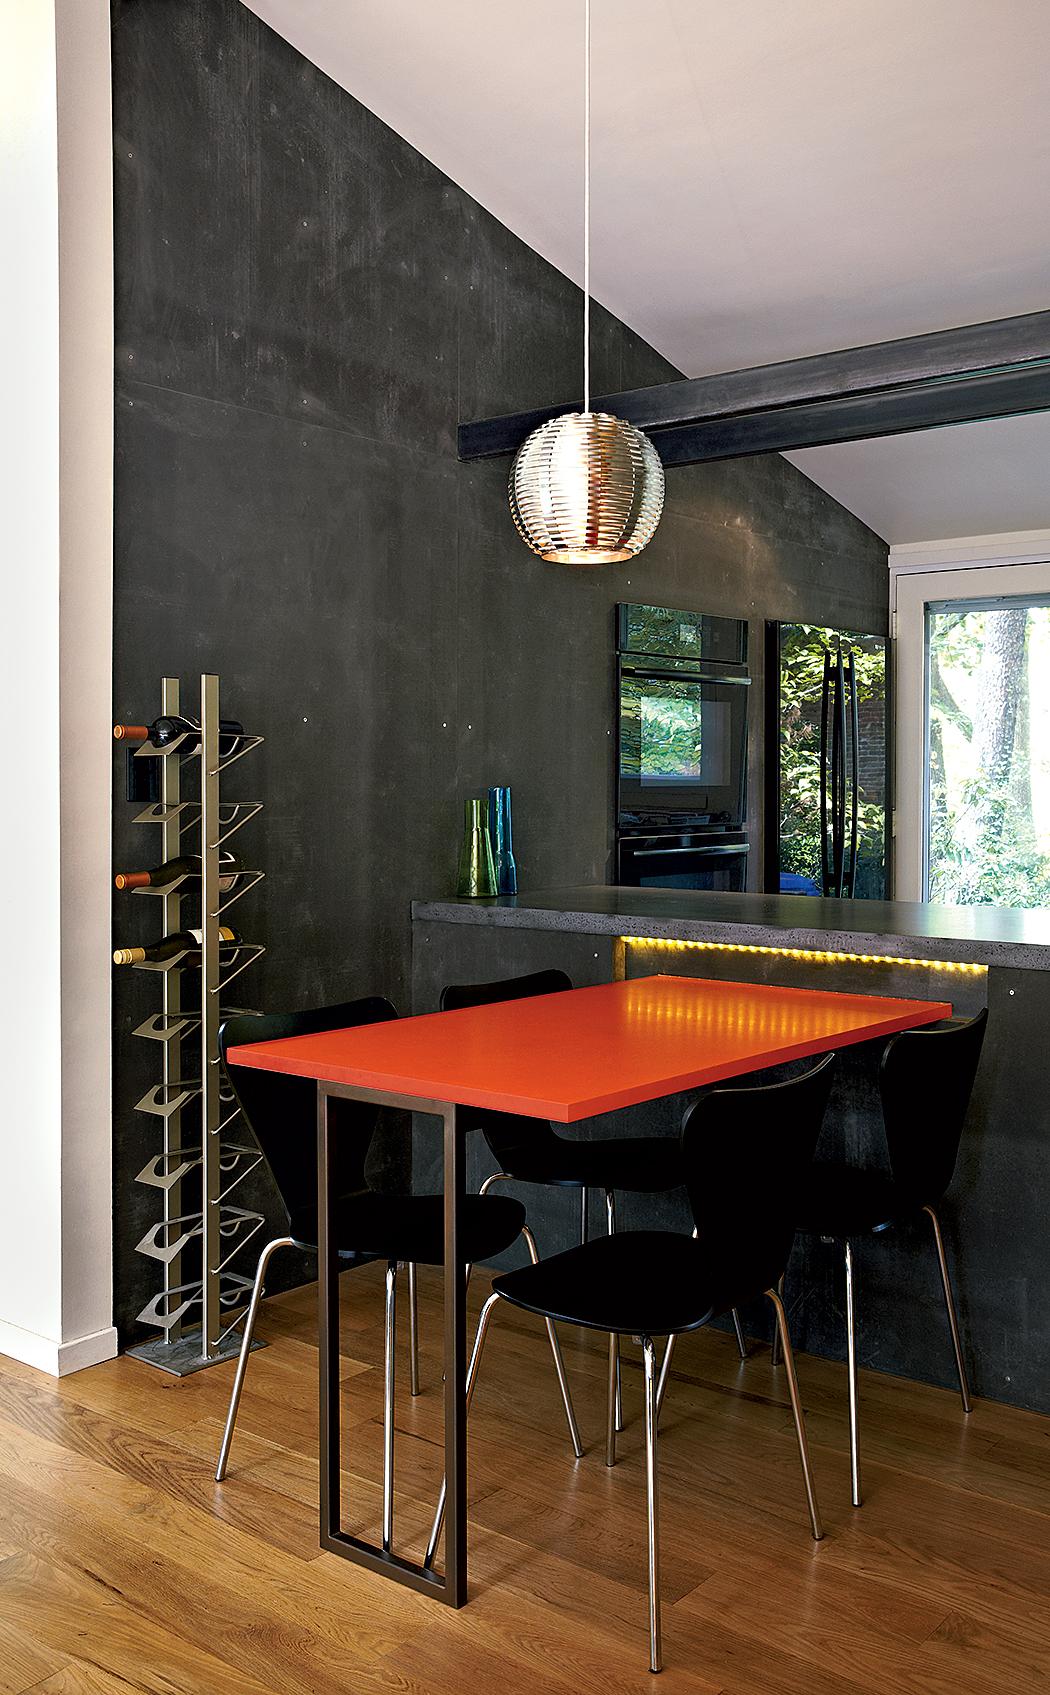 Photograph courtesy of Kube Architects.